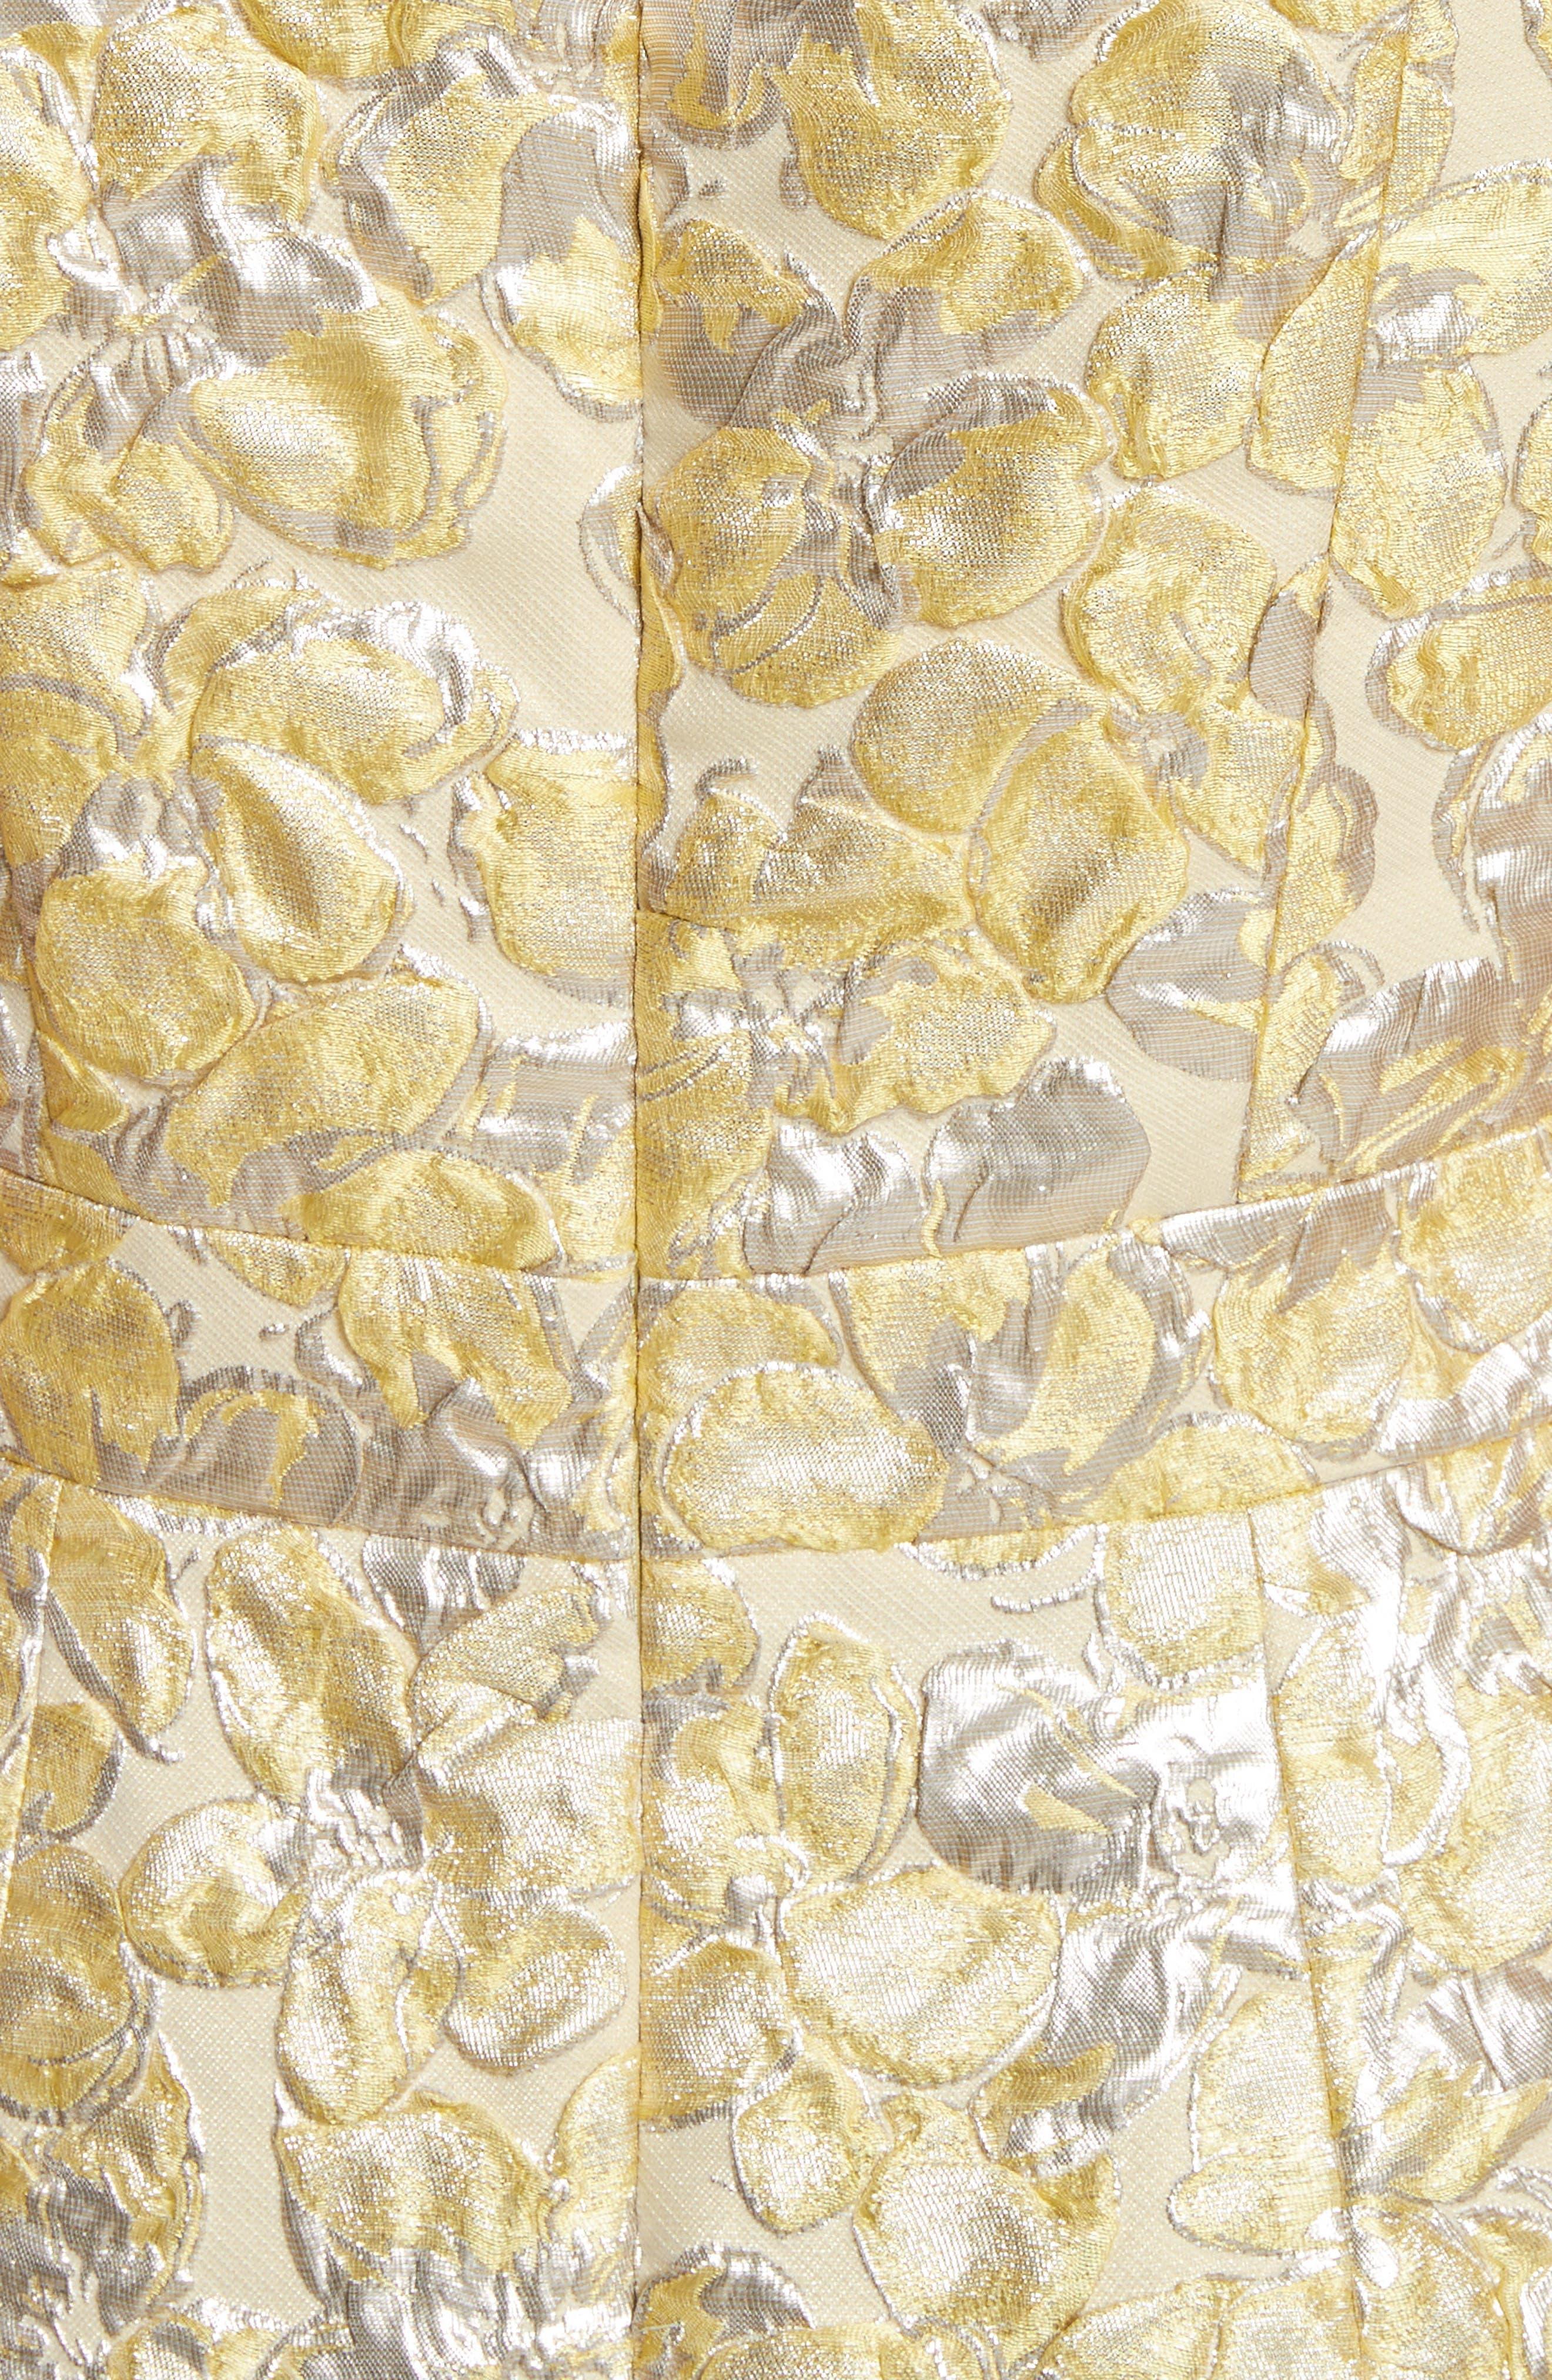 Metallic Floral Jacquard Dress,                             Alternate thumbnail 5, color,                             Lemon Multi